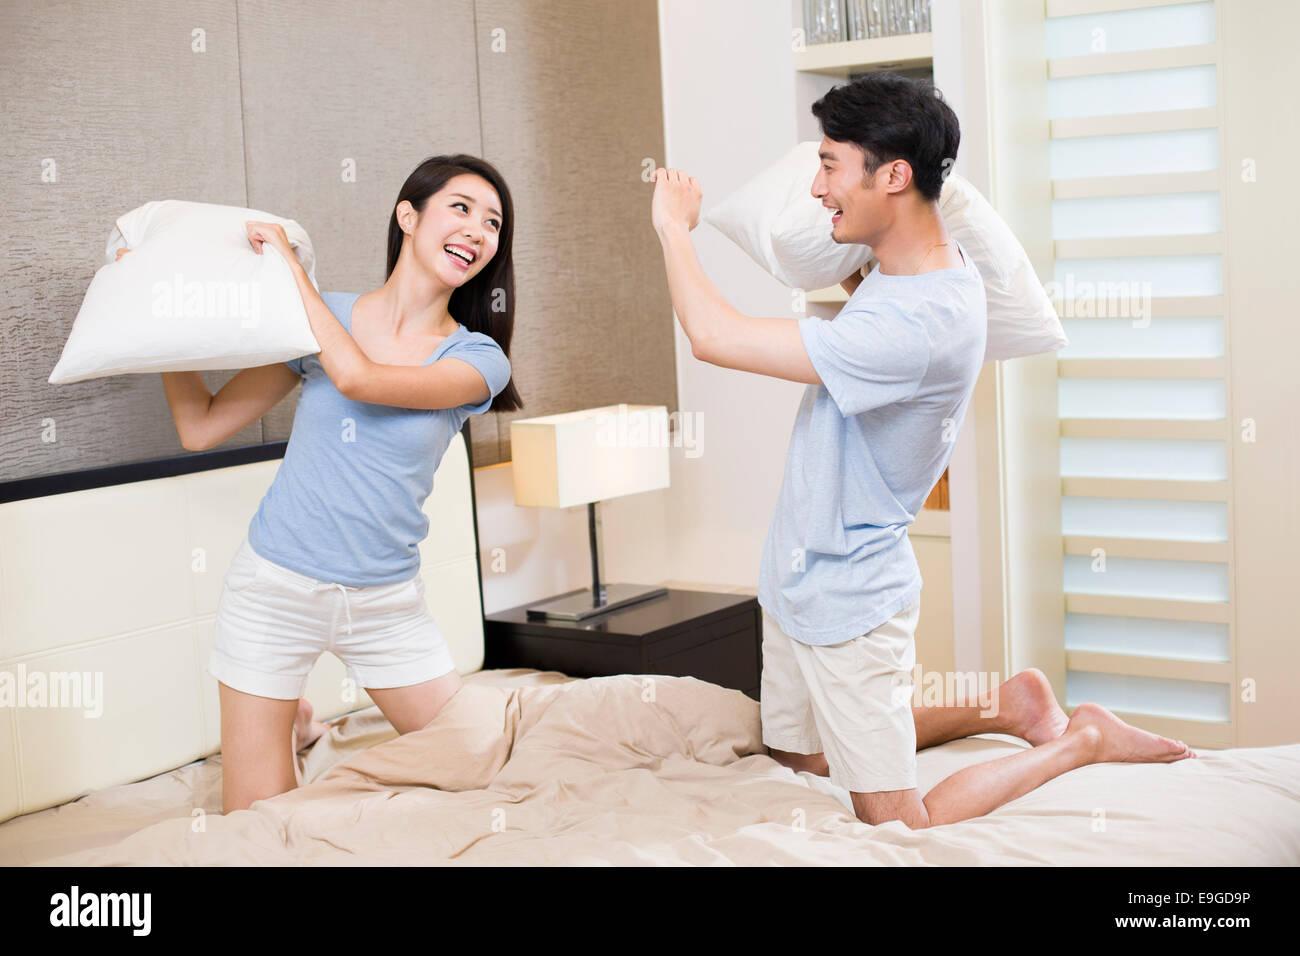 Junges Paar Kissen Kämpfe im Schlafzimmer Stockbild